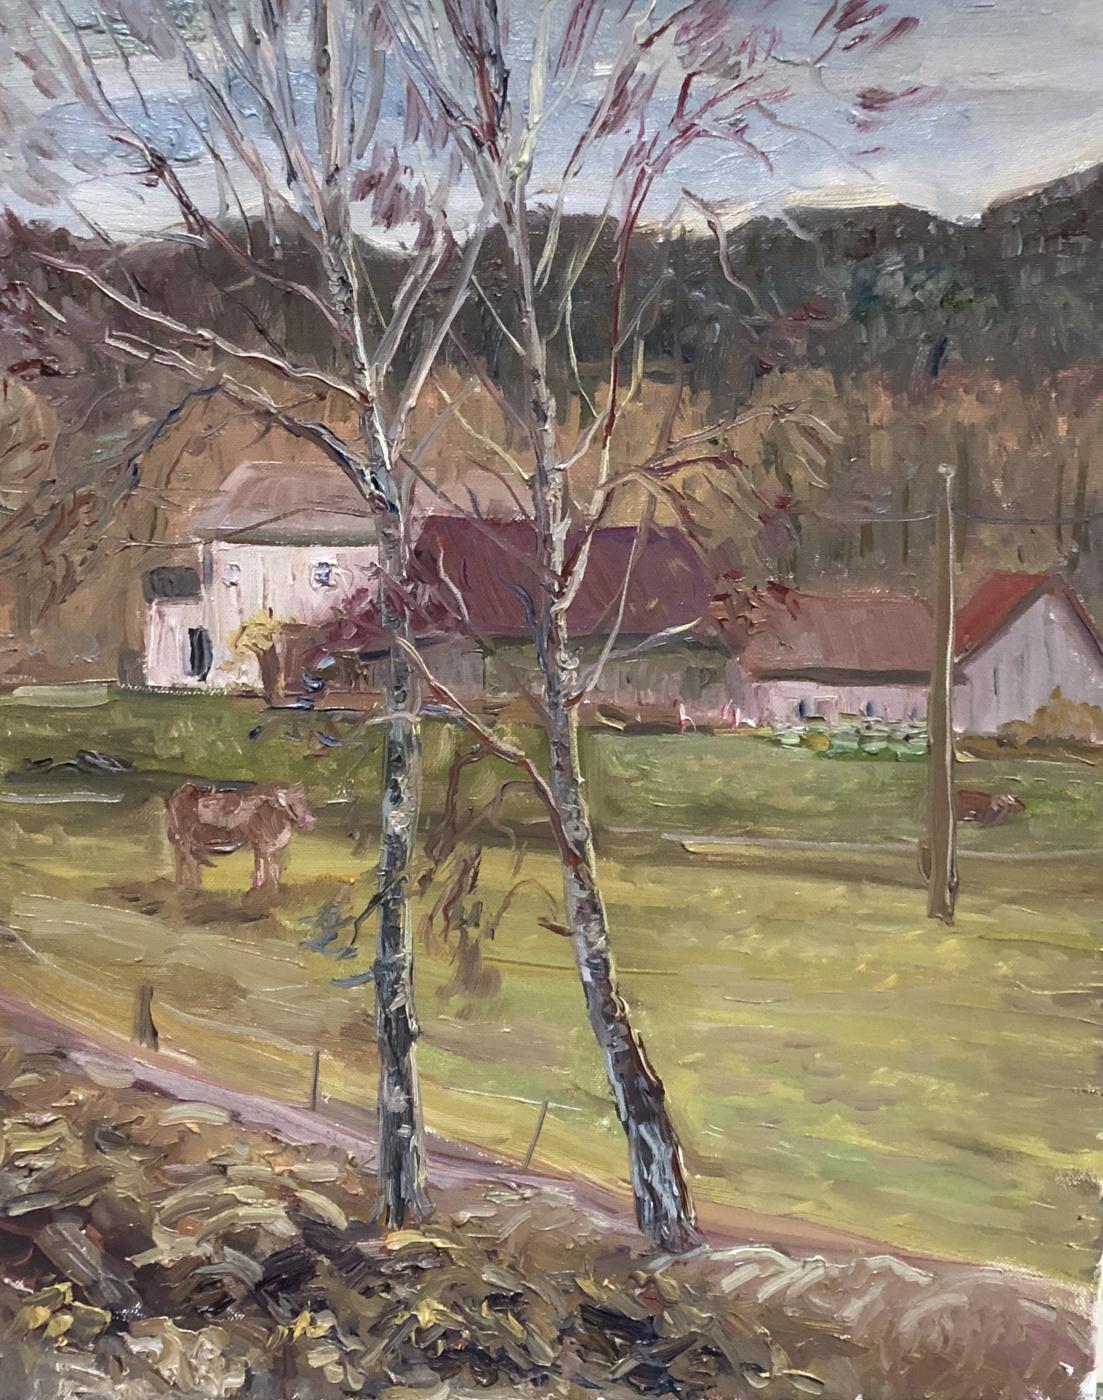 Виктория Мальшакова. On the farm. Austria